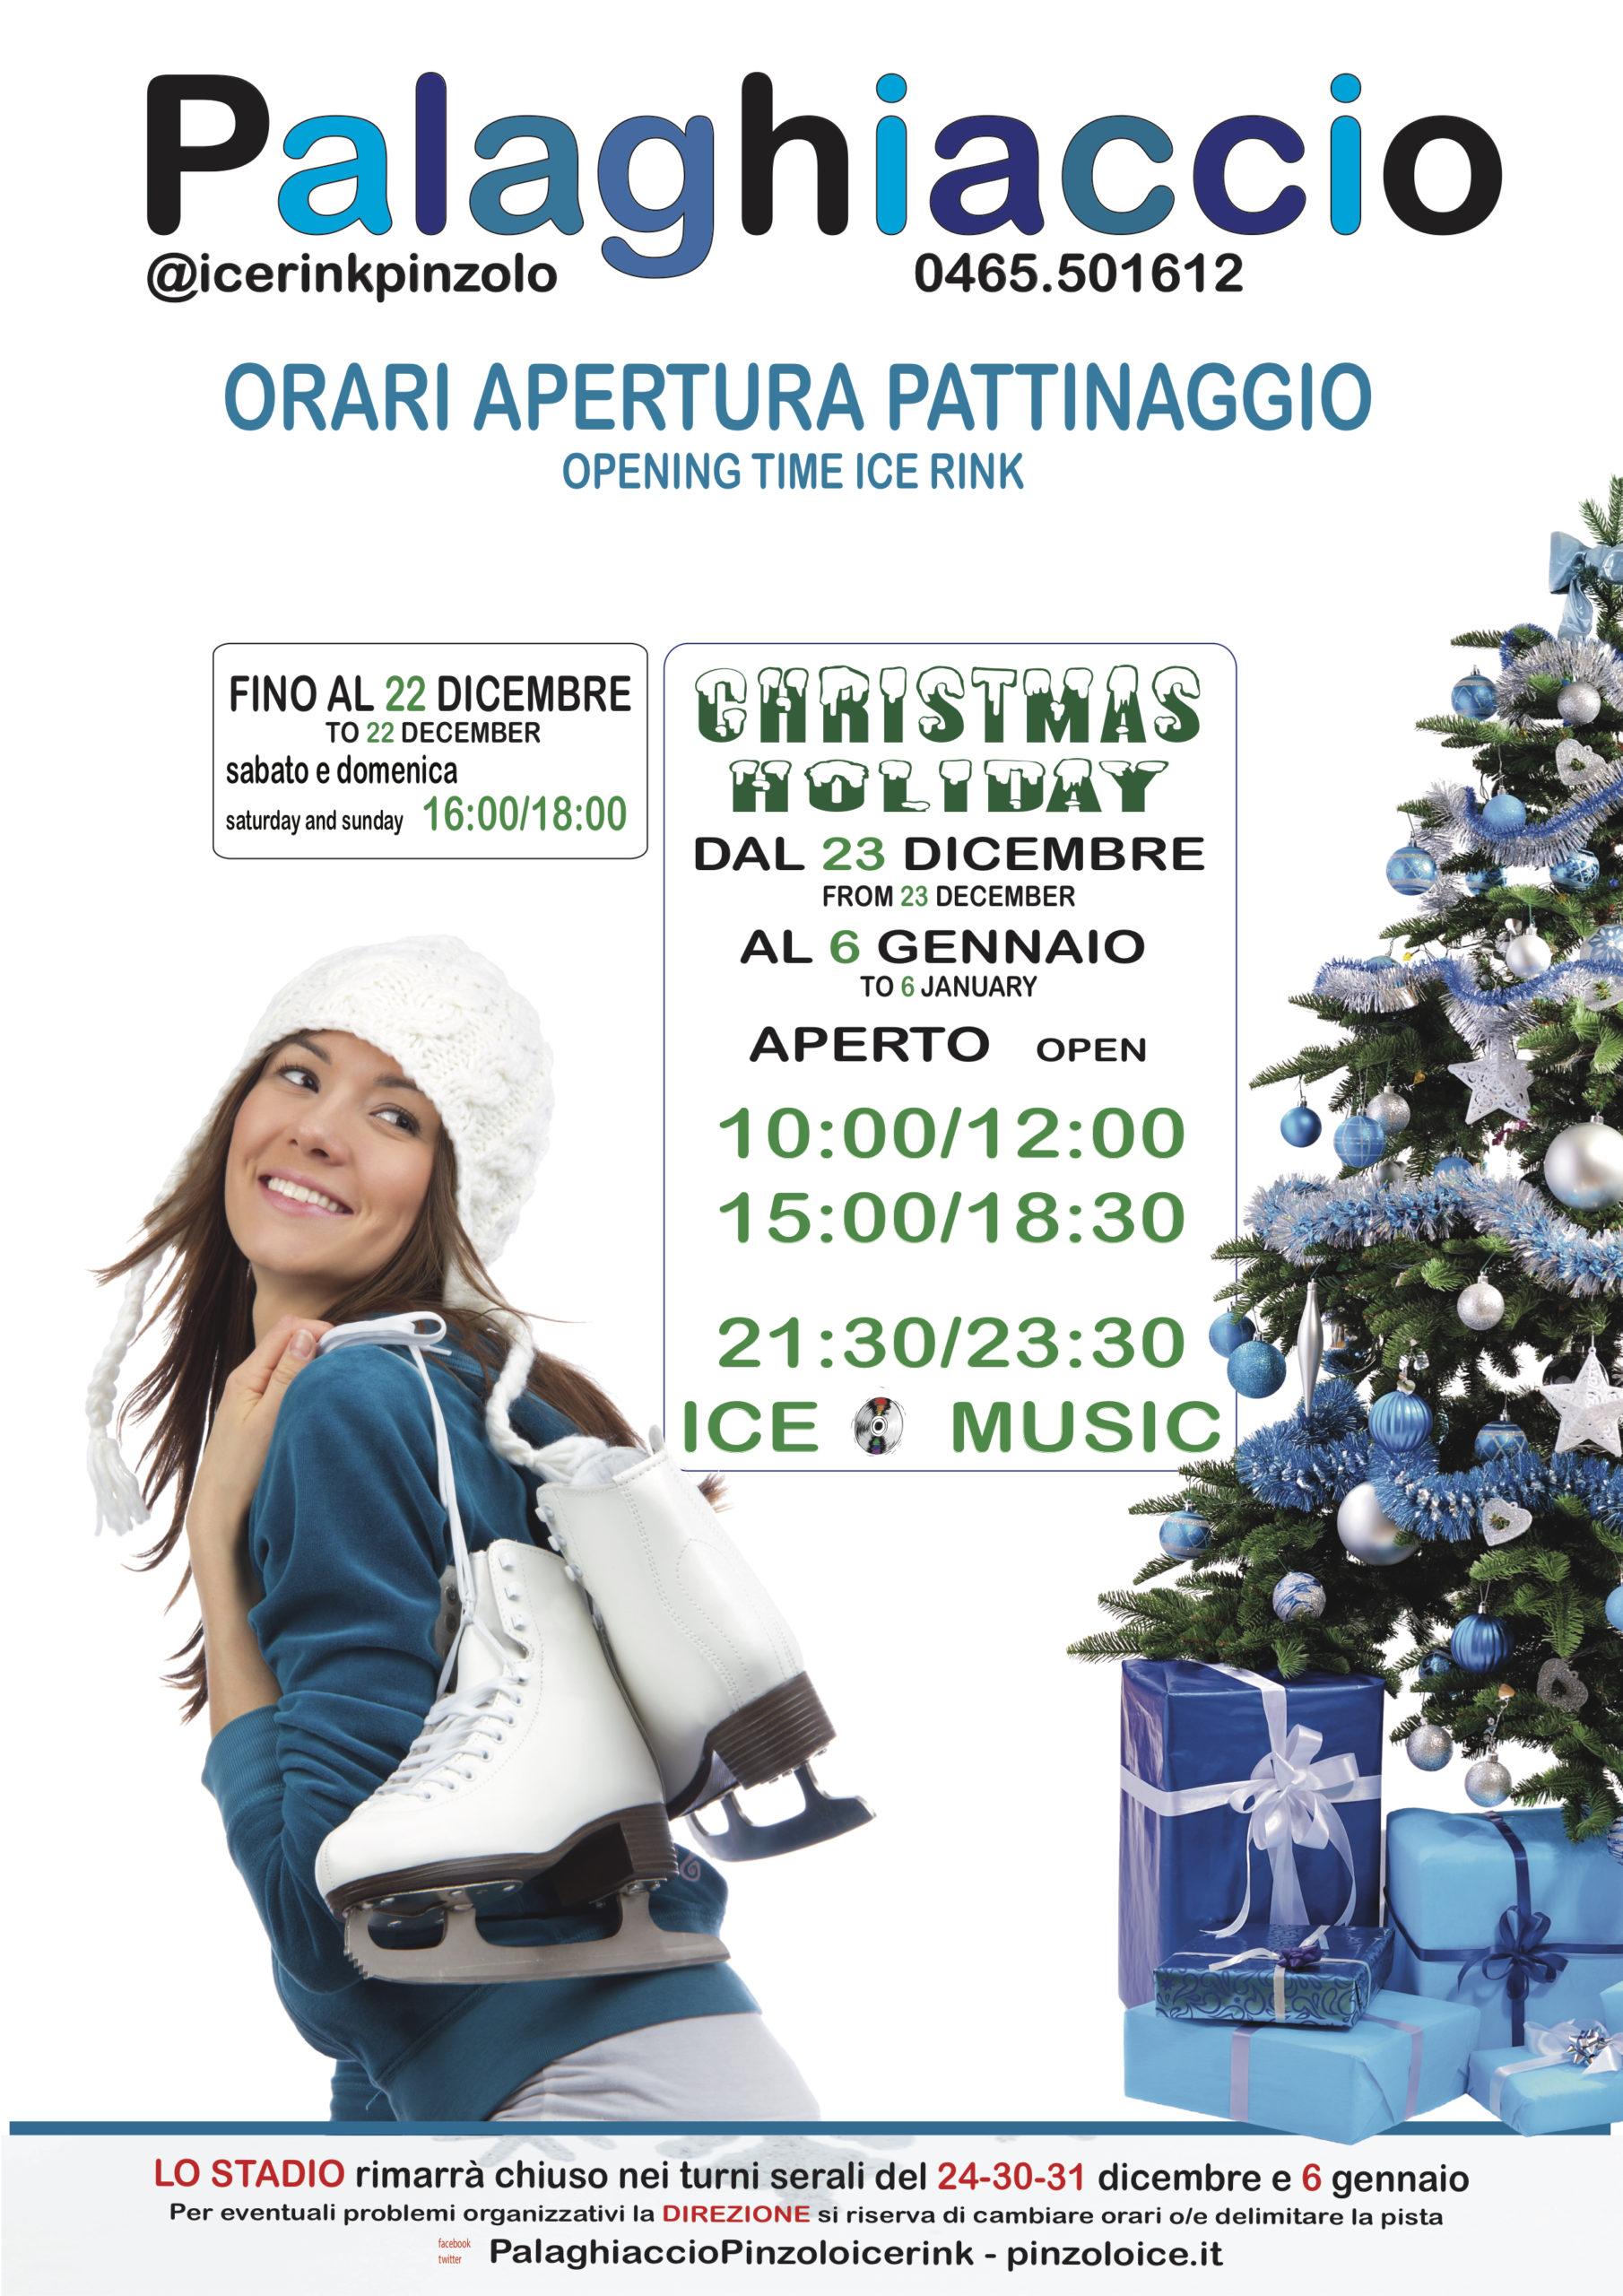 Palaghiaccio Pinzolo: Orario di apertura Natale 2019